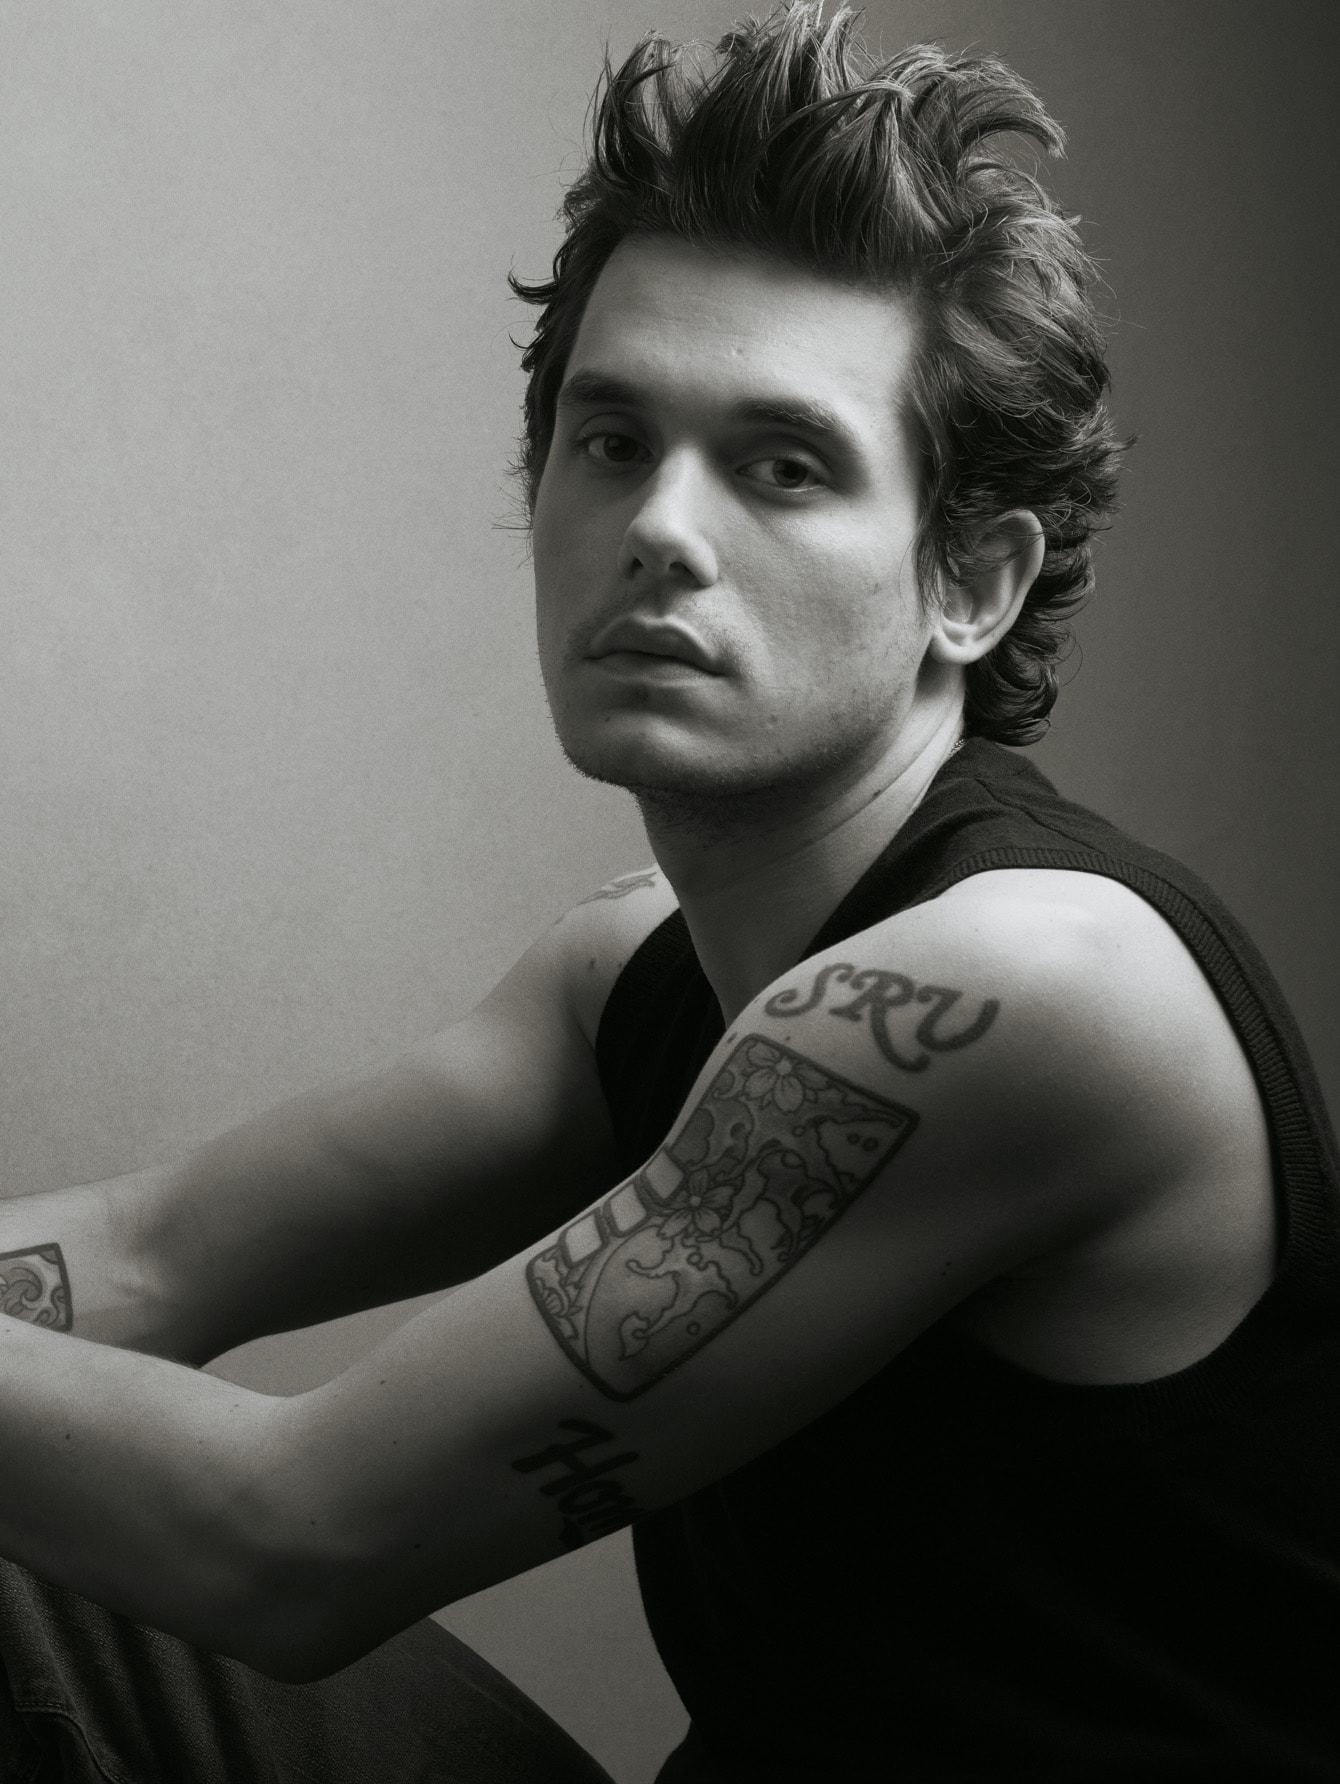 John Mayer For mobile